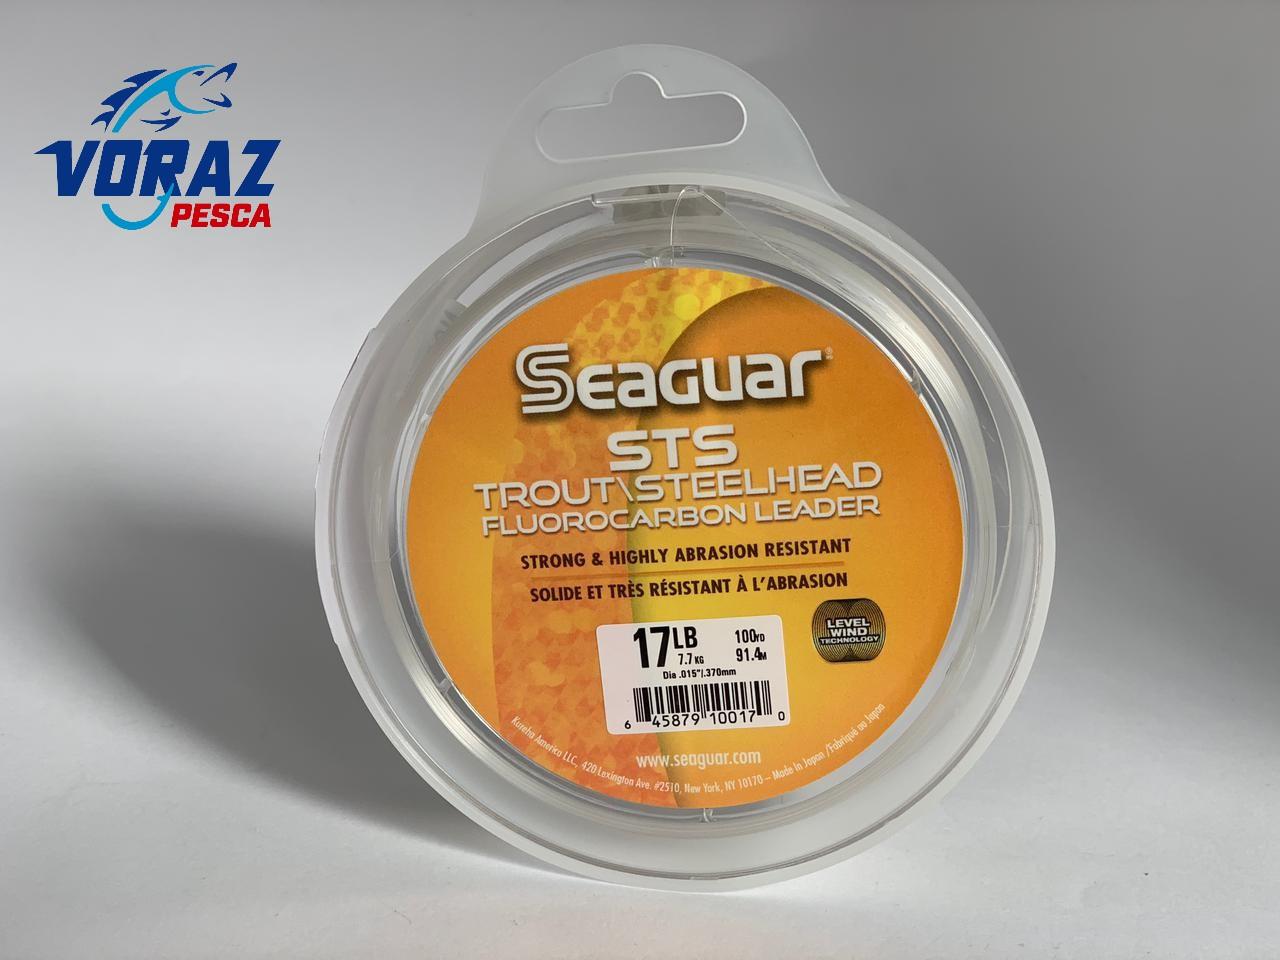 Linha Leader 100% Fluorcarbon STS Salmon - Seaguar